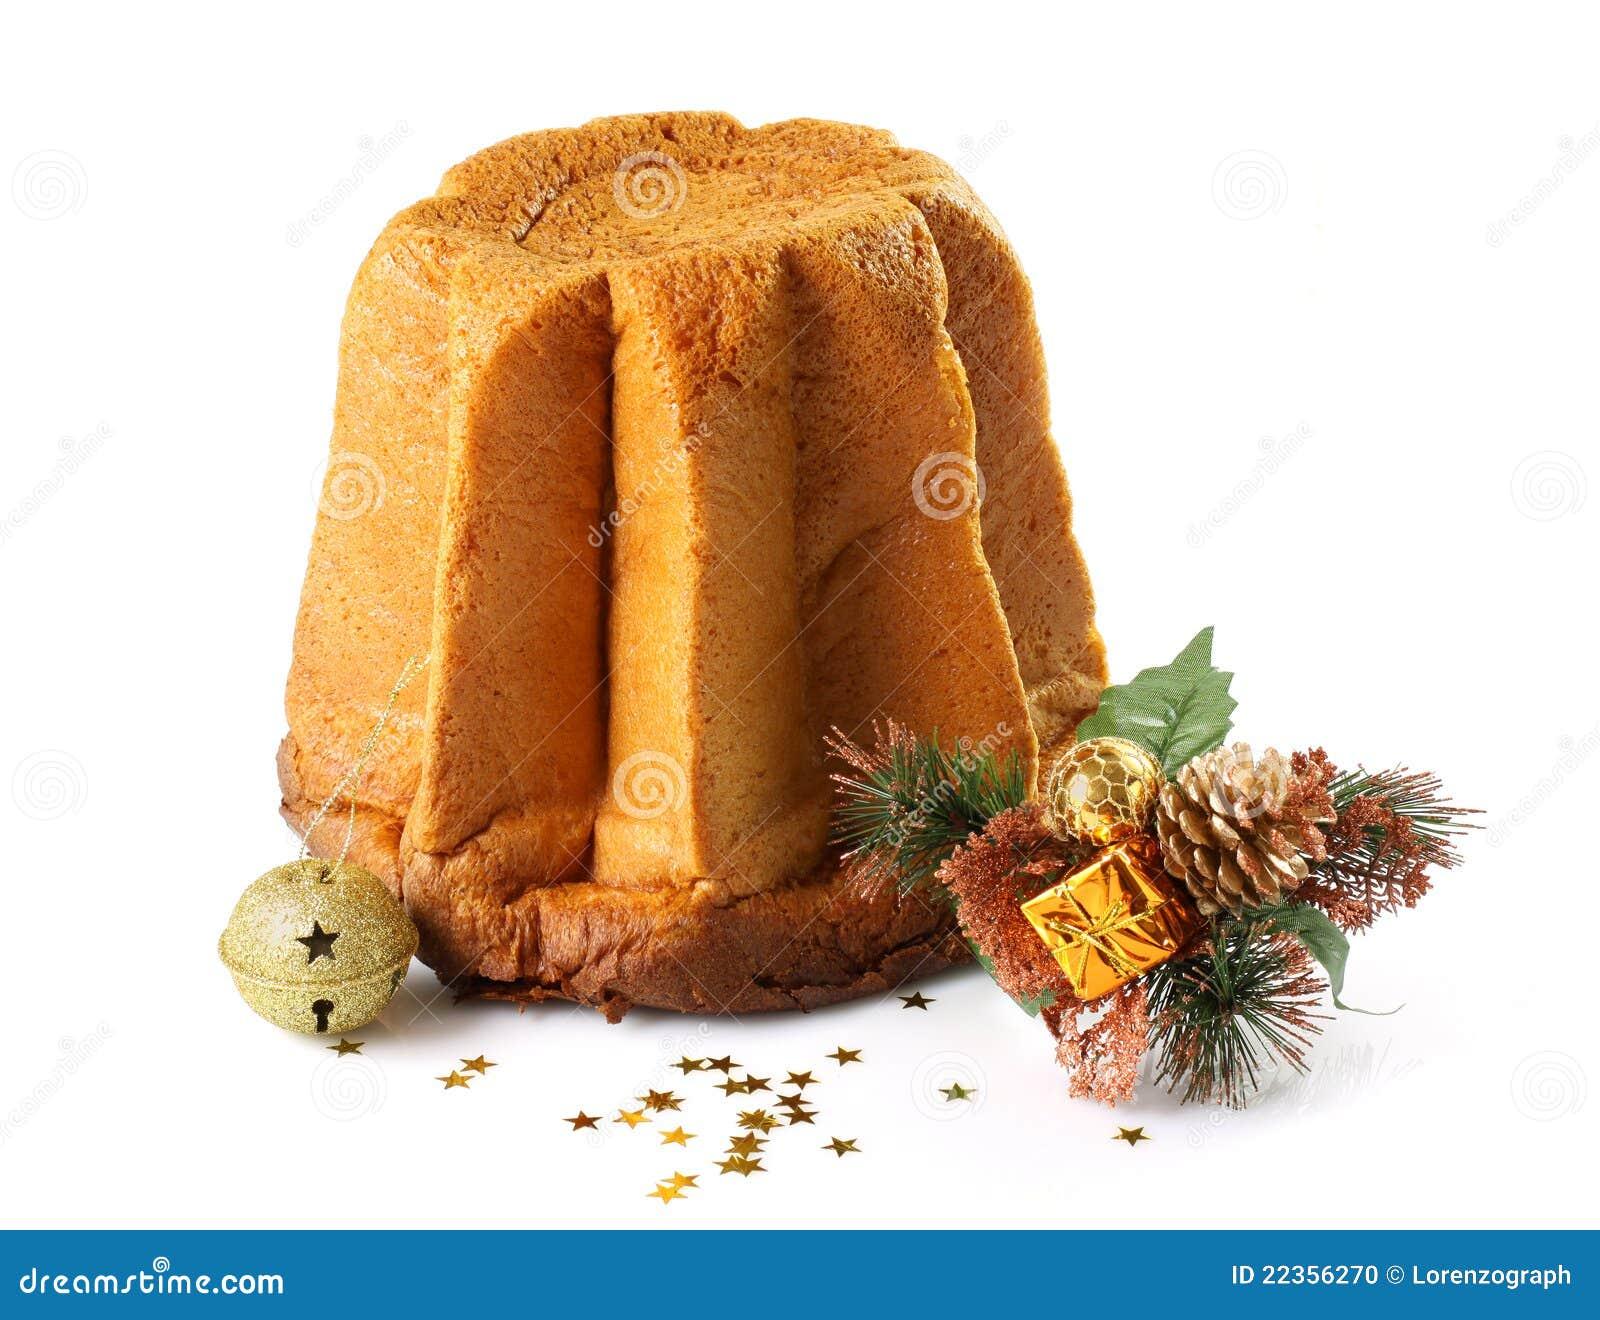 蛋糕圣诞节pandoro